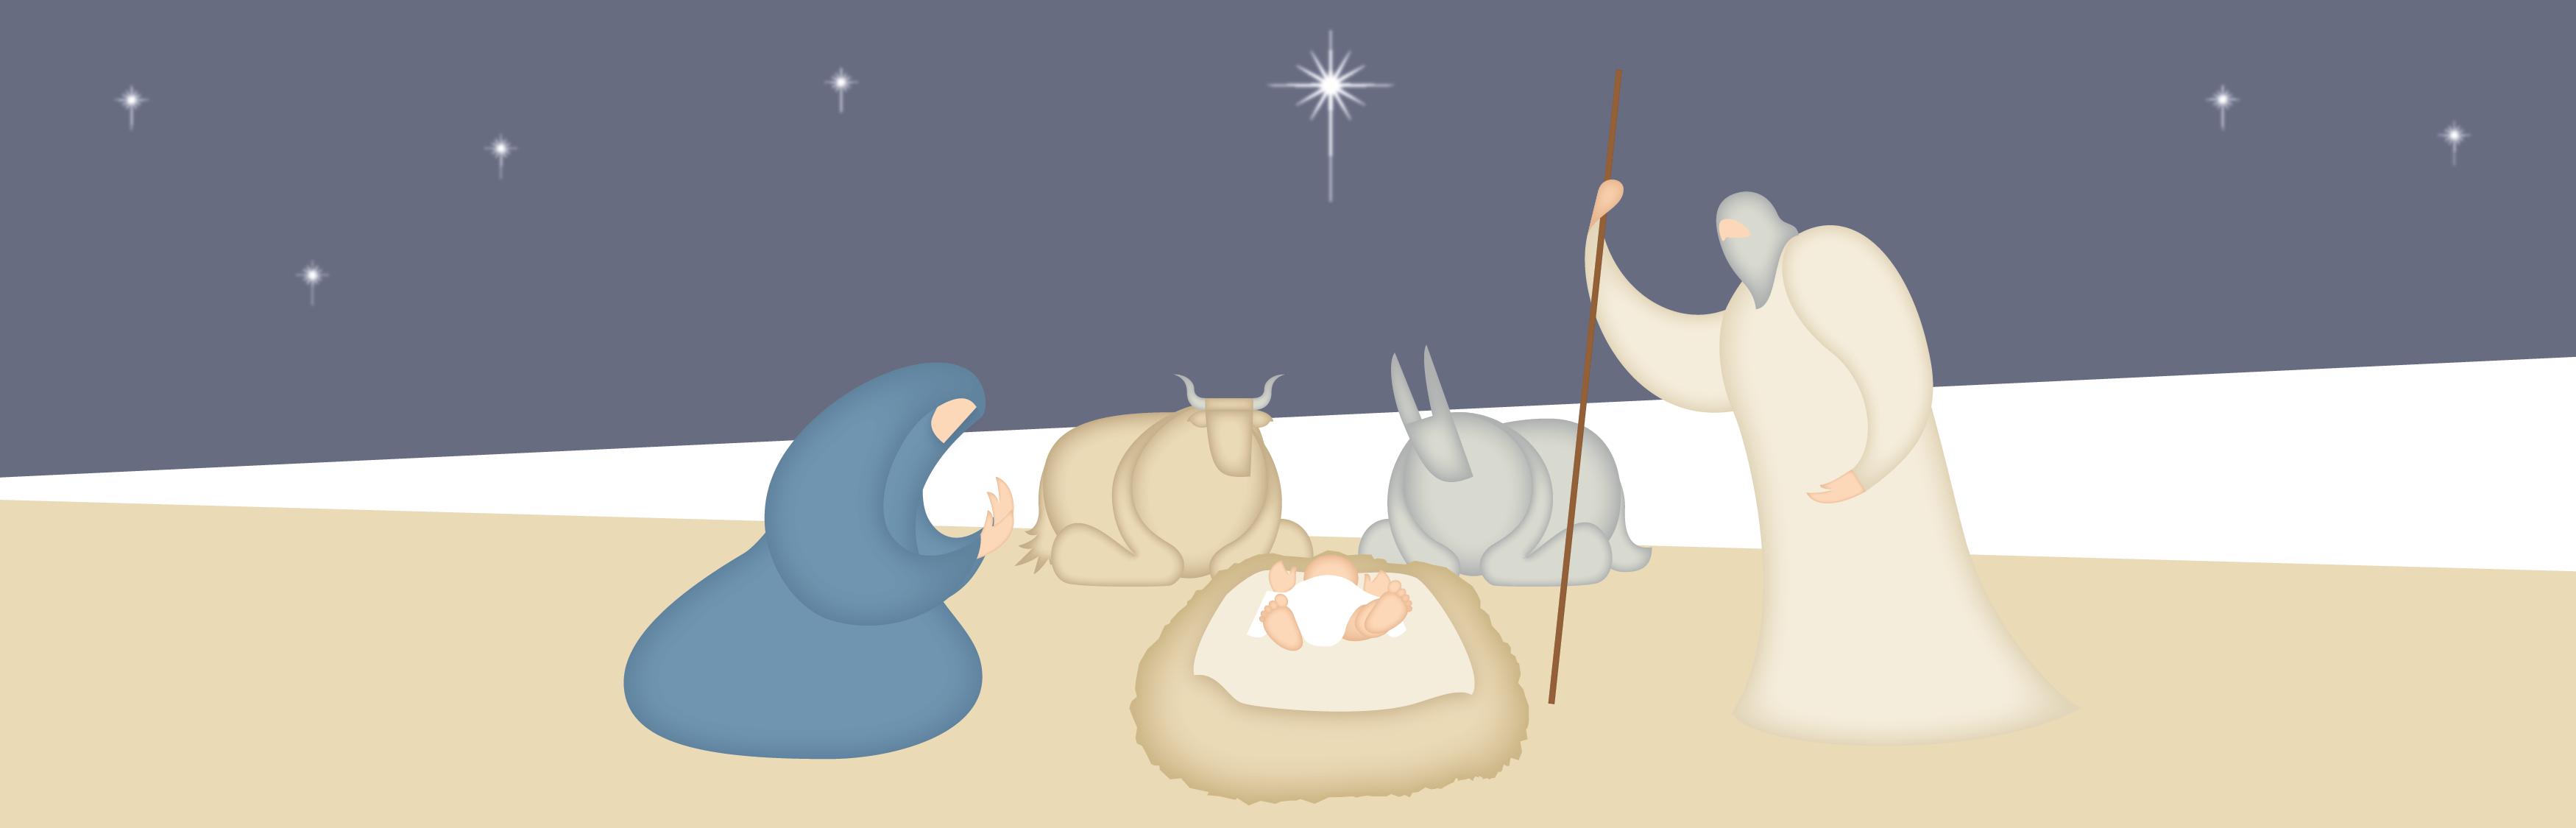 As festas do Nadal son herdo das ancestrais de comezo de inverno